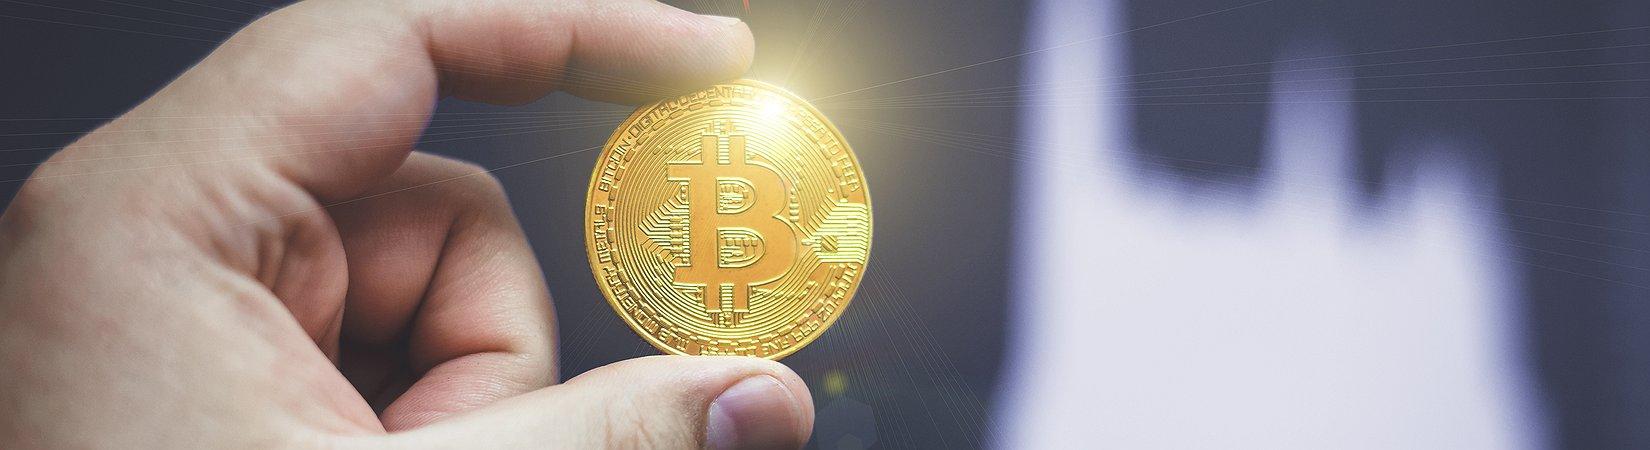 Bitcoin Gold: FAQ по следующему хардфорку биткоина